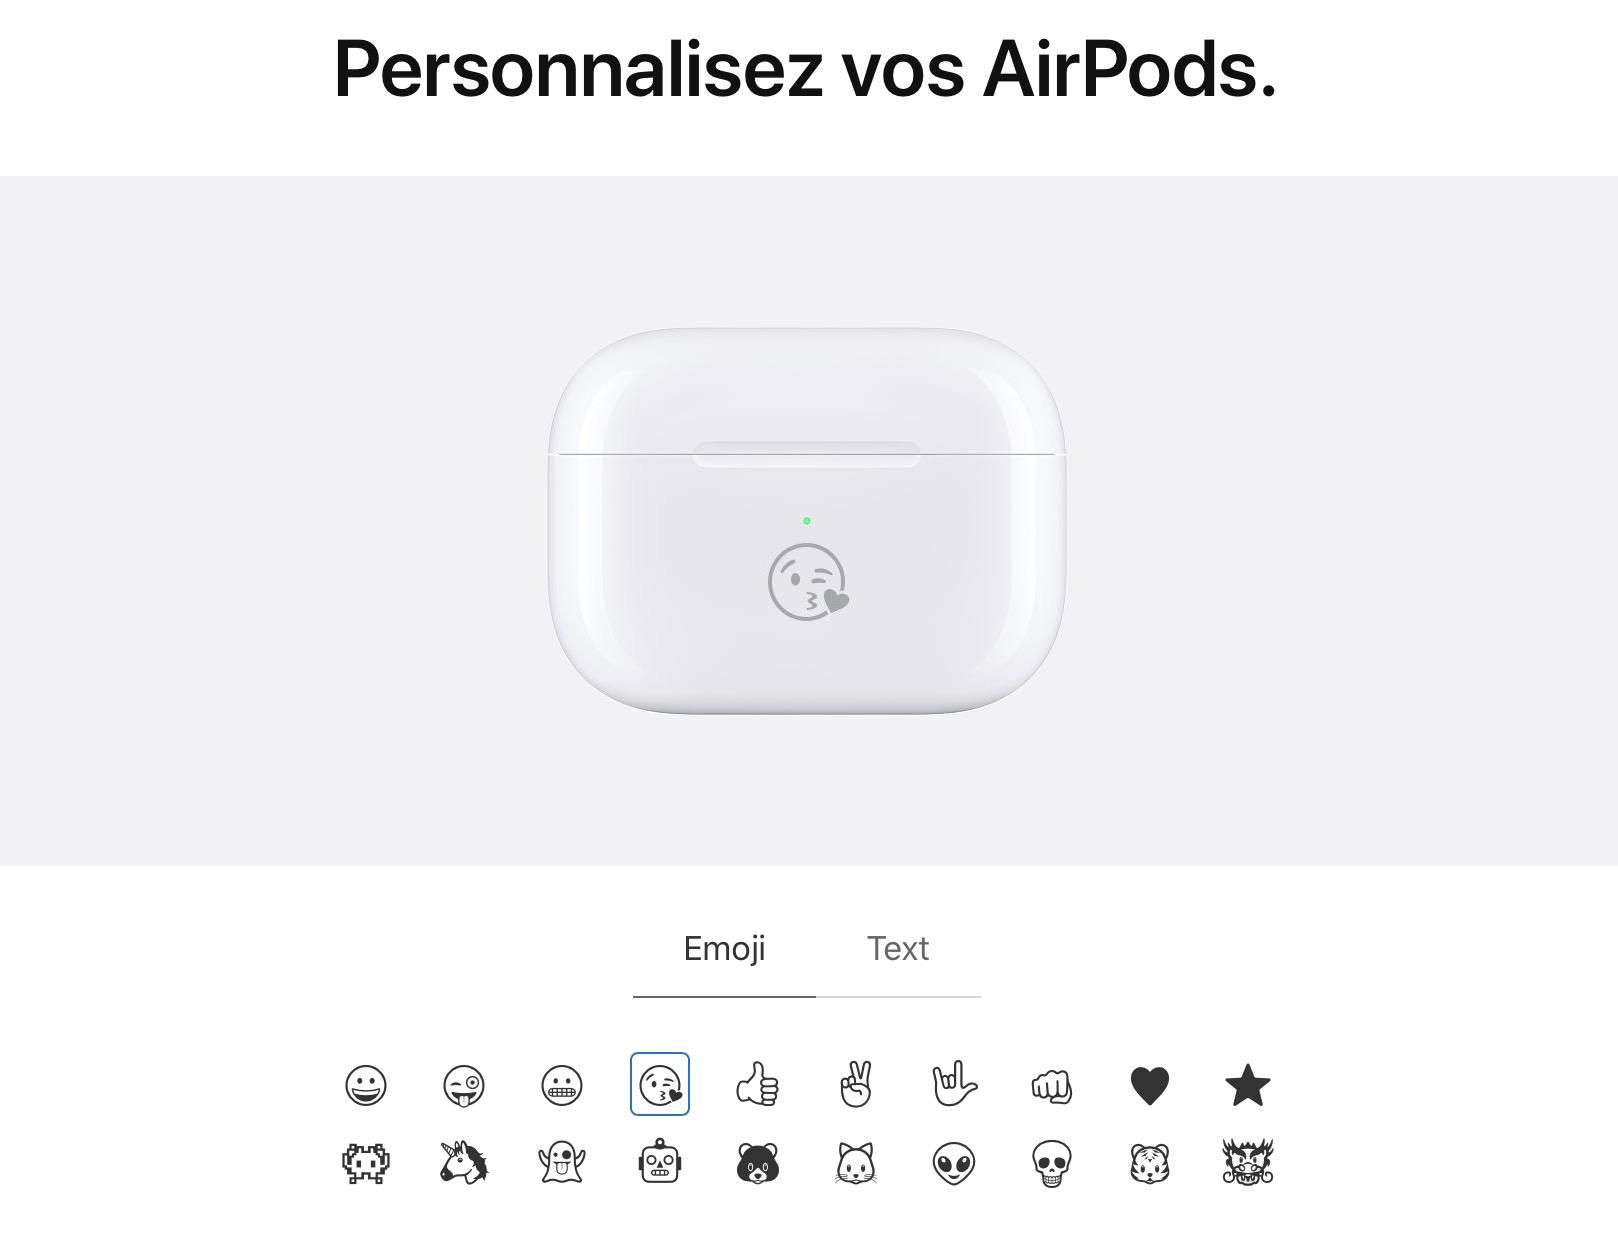 airpods pro gravure 4 - AirPods : vous pouvez désormais graver des émojis sur le boitier !